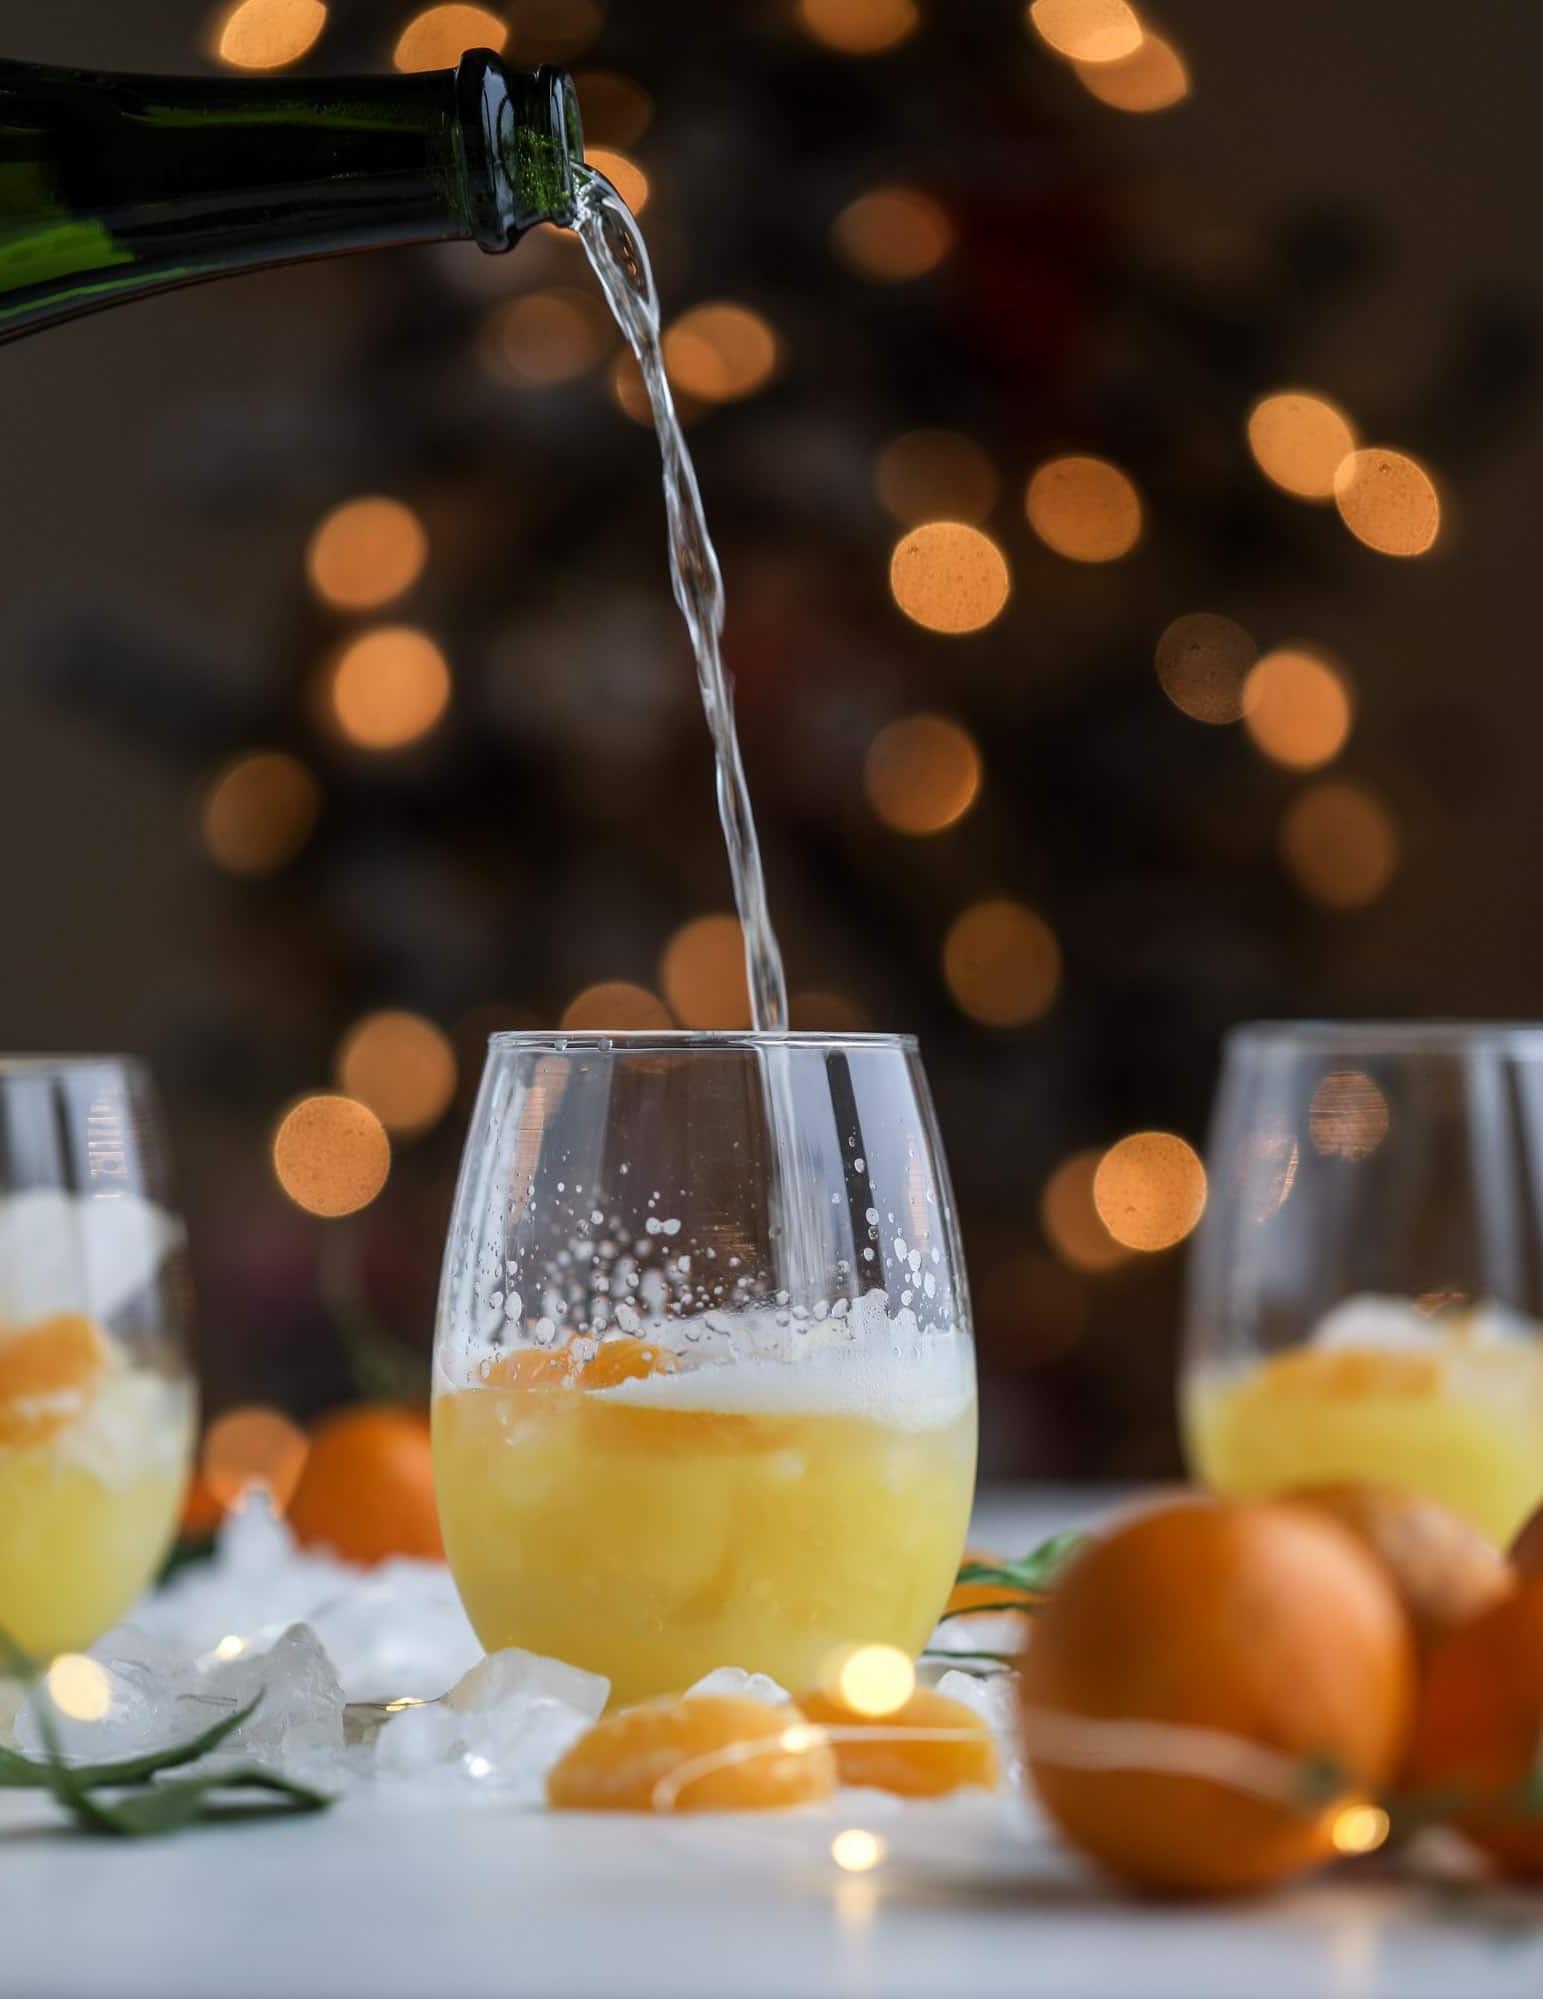 Si vous achetez du jus d'orange au magasin, optez pour du jus d'orange de qualité supérieure et non de concentré.